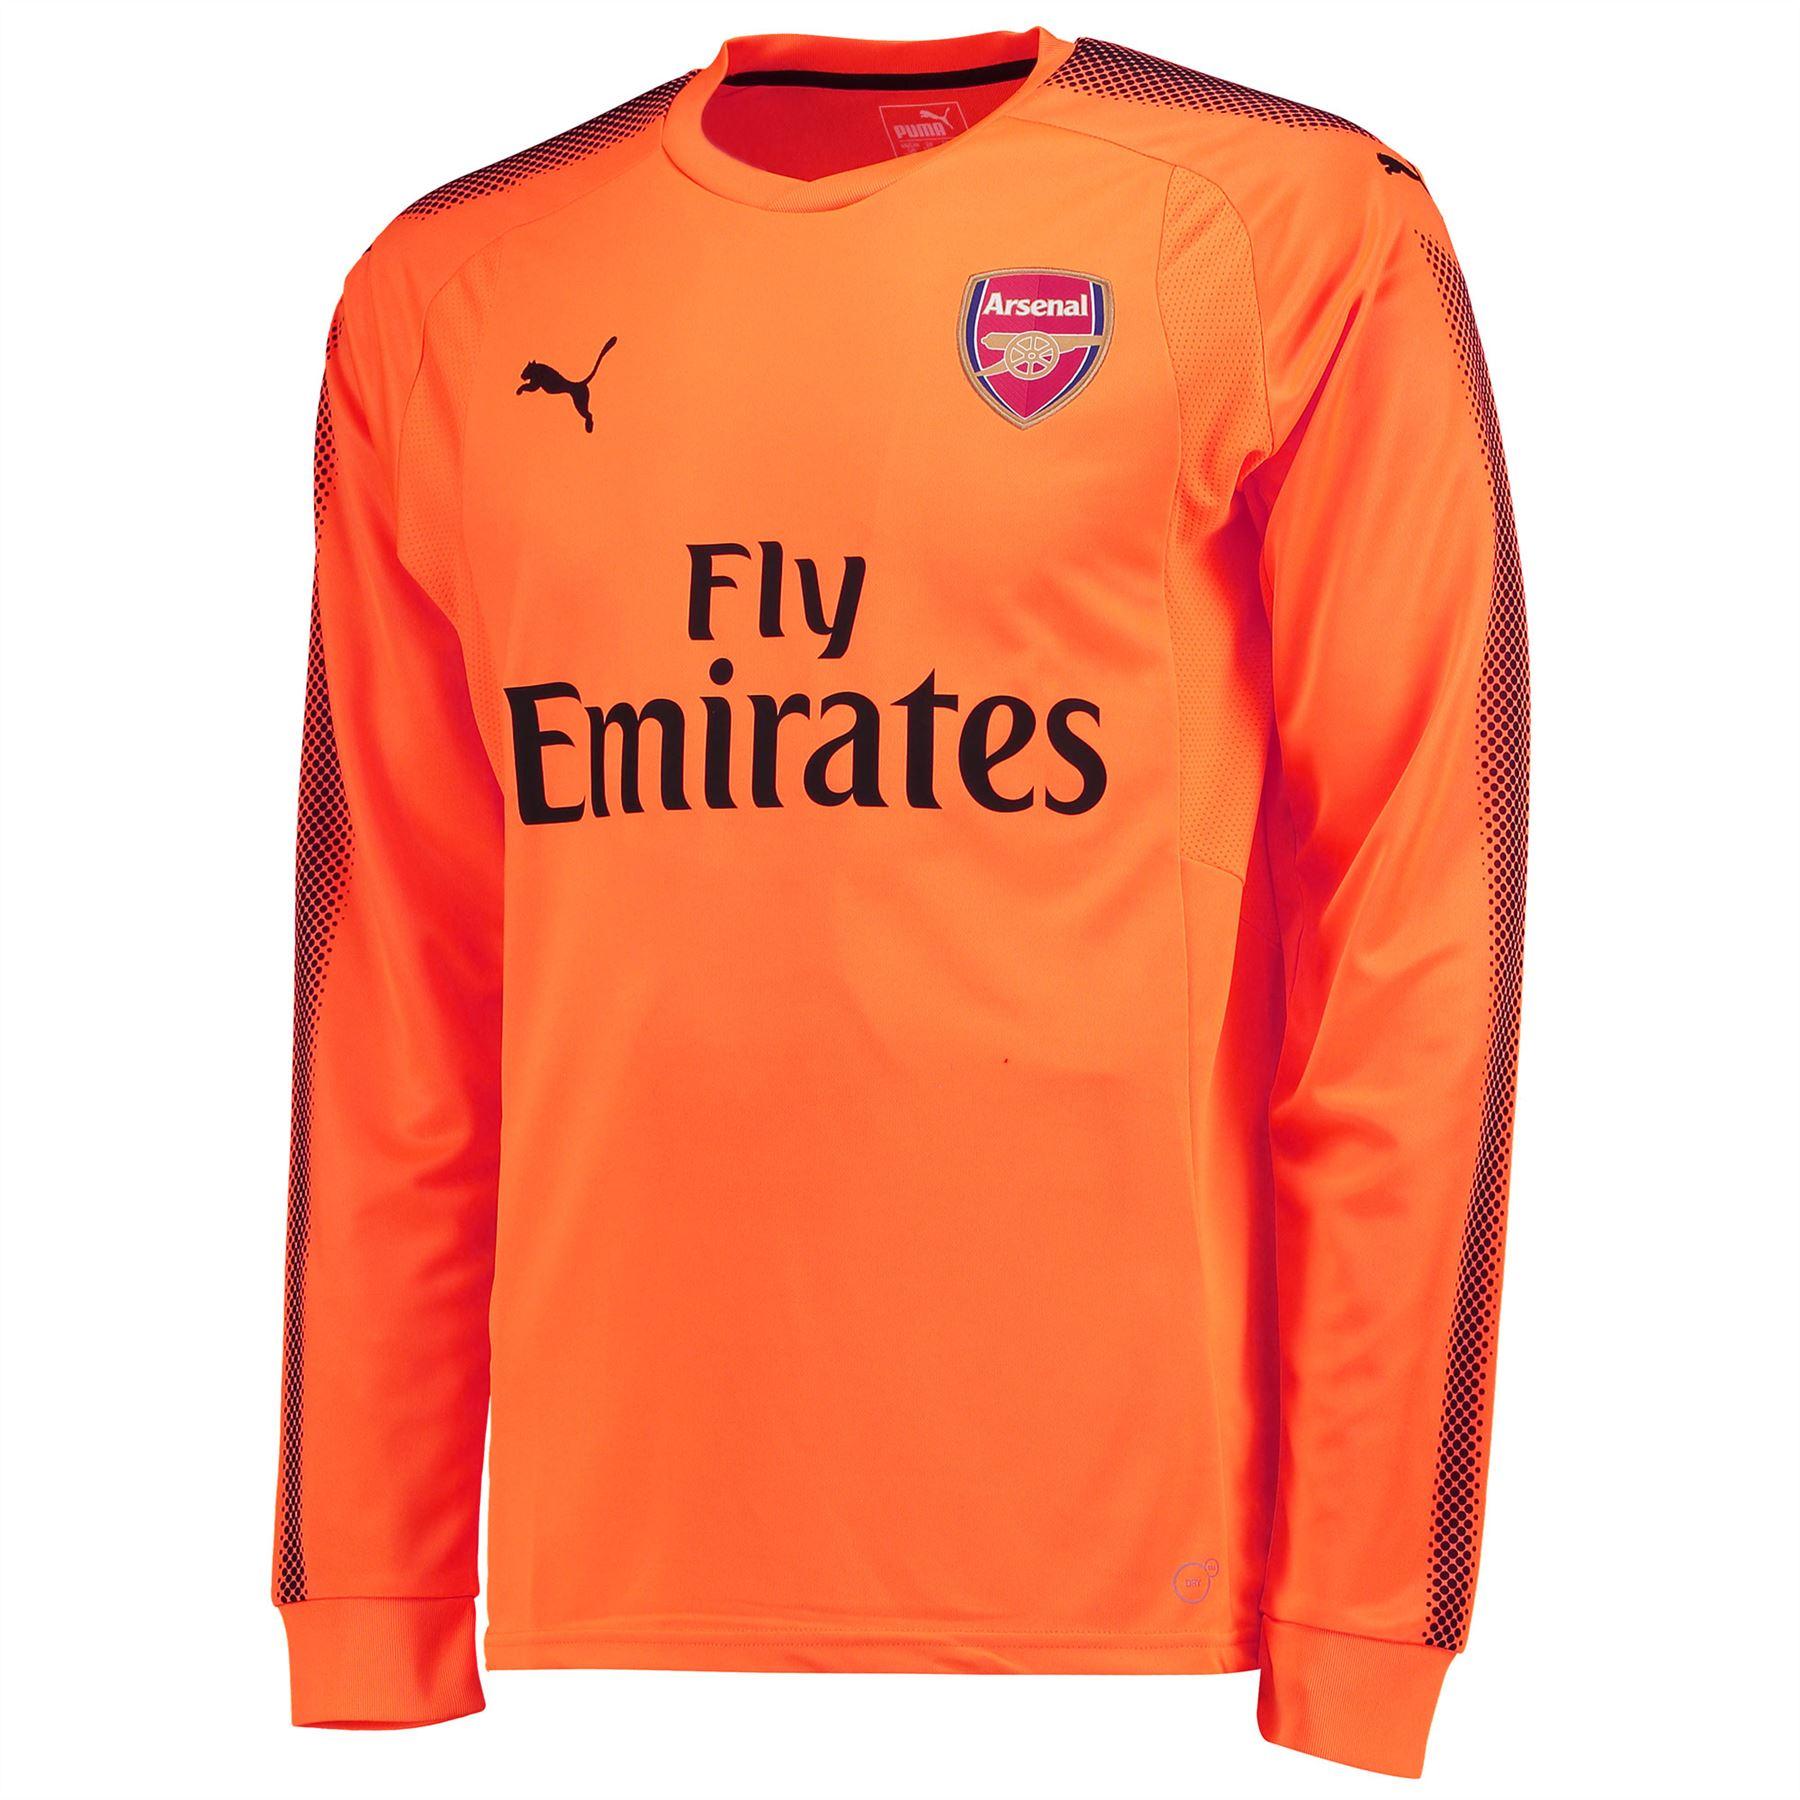 Arsenal-Away-Portero-Camiseta-2017-18-Ninos-Puma